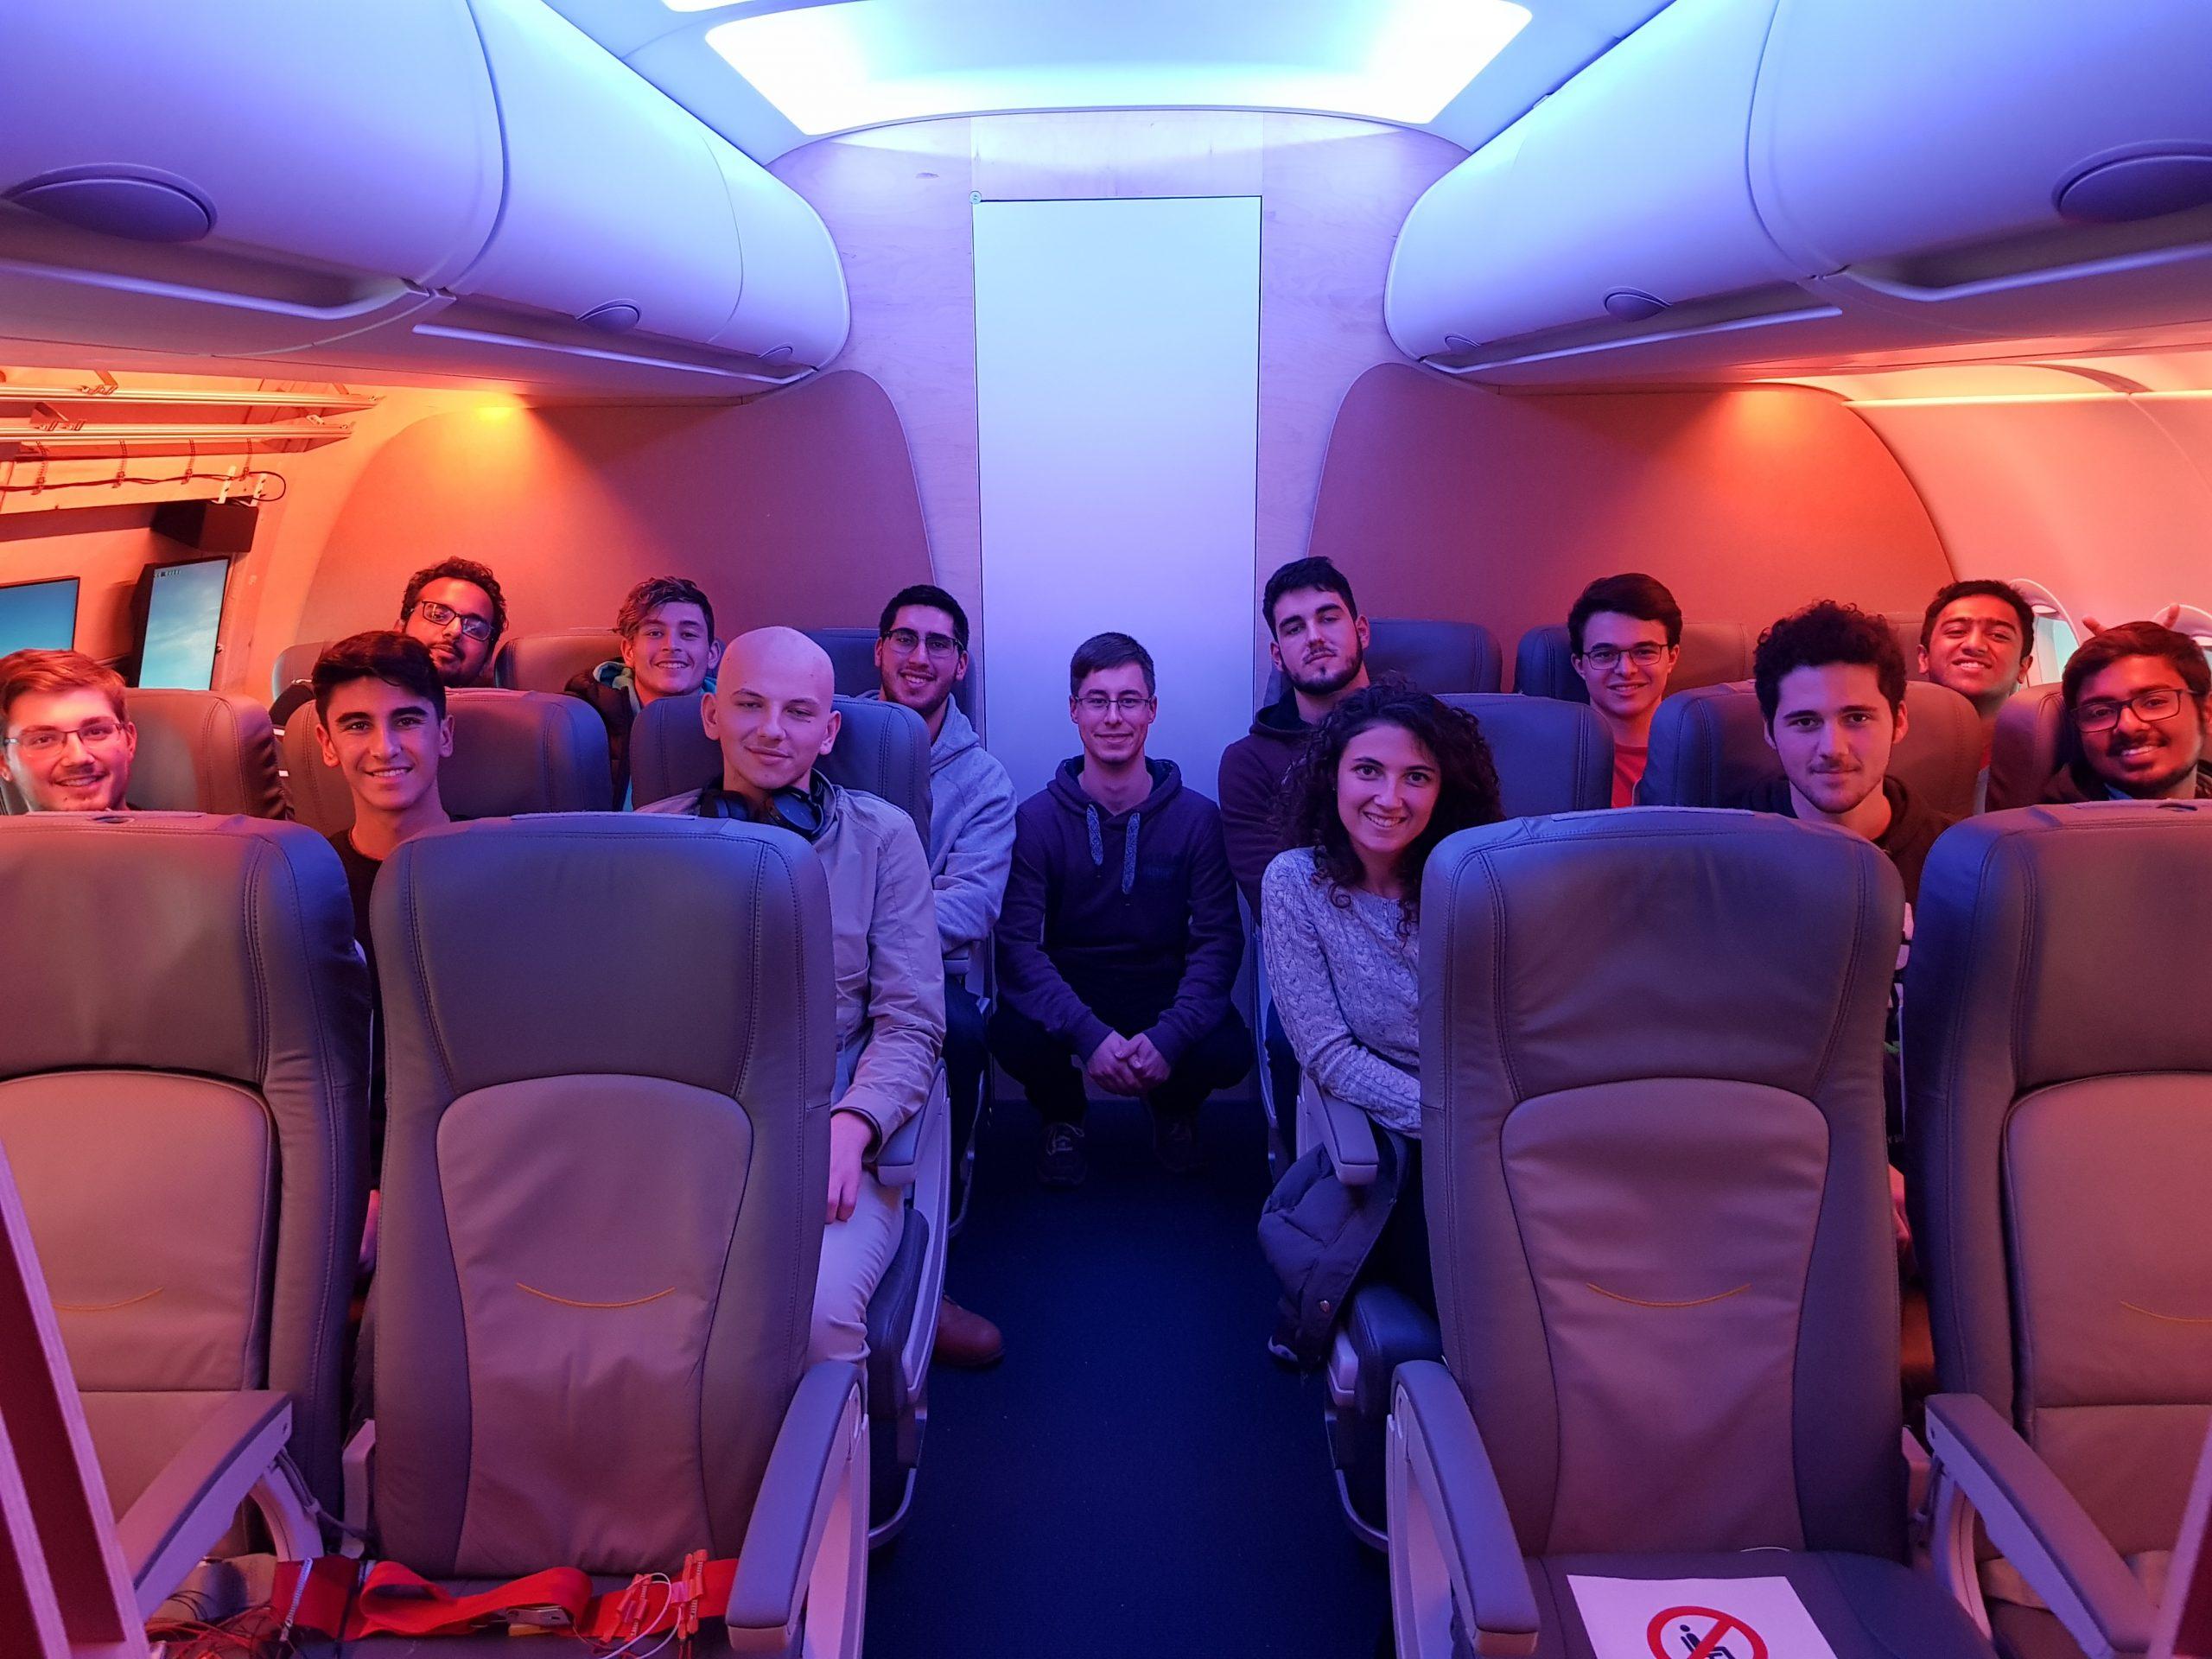 Gruppenbild im Mock-up einer Flugzeugkabine.